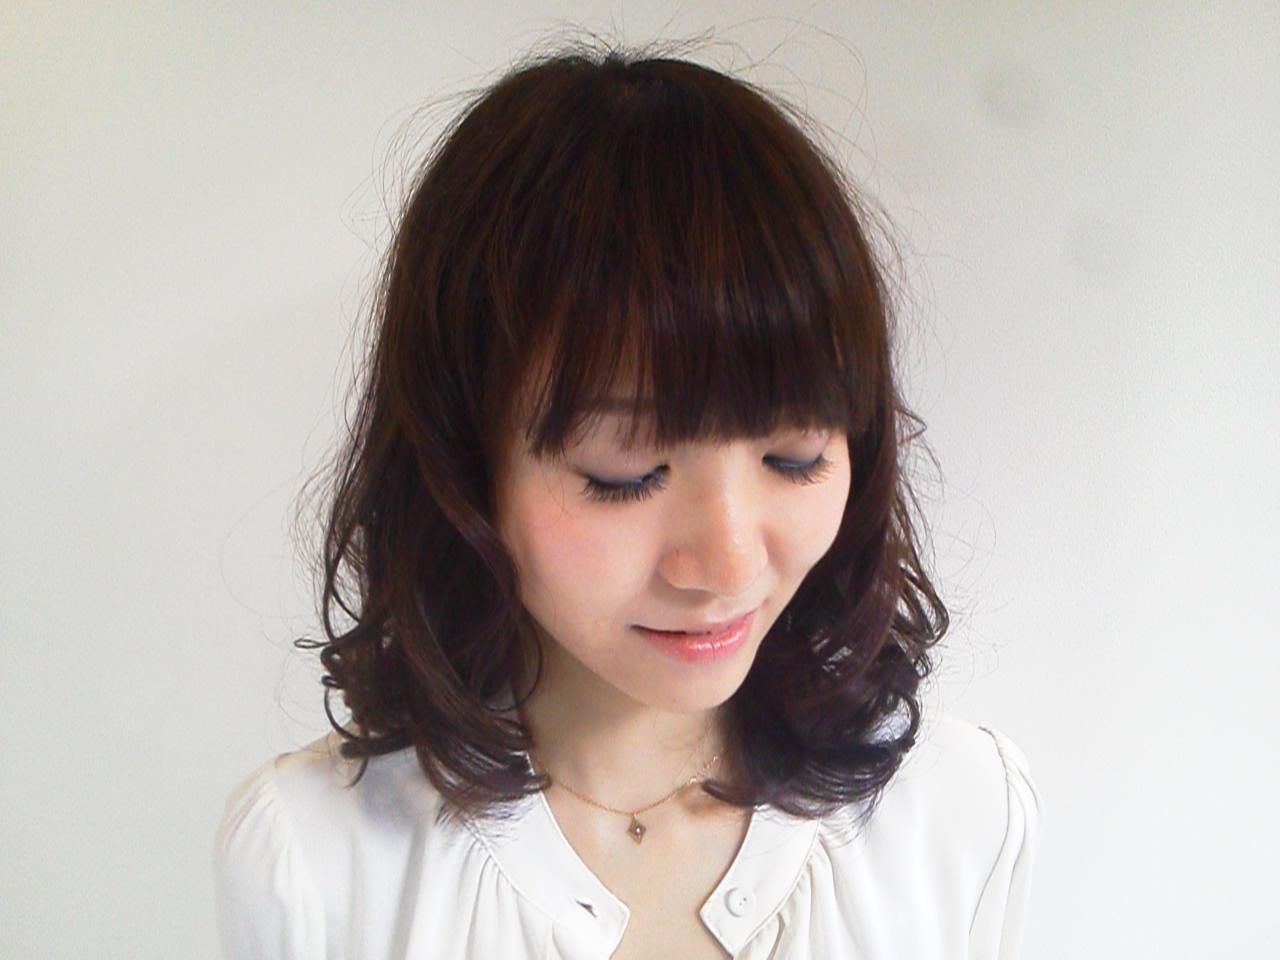 NEC_0486.JPG